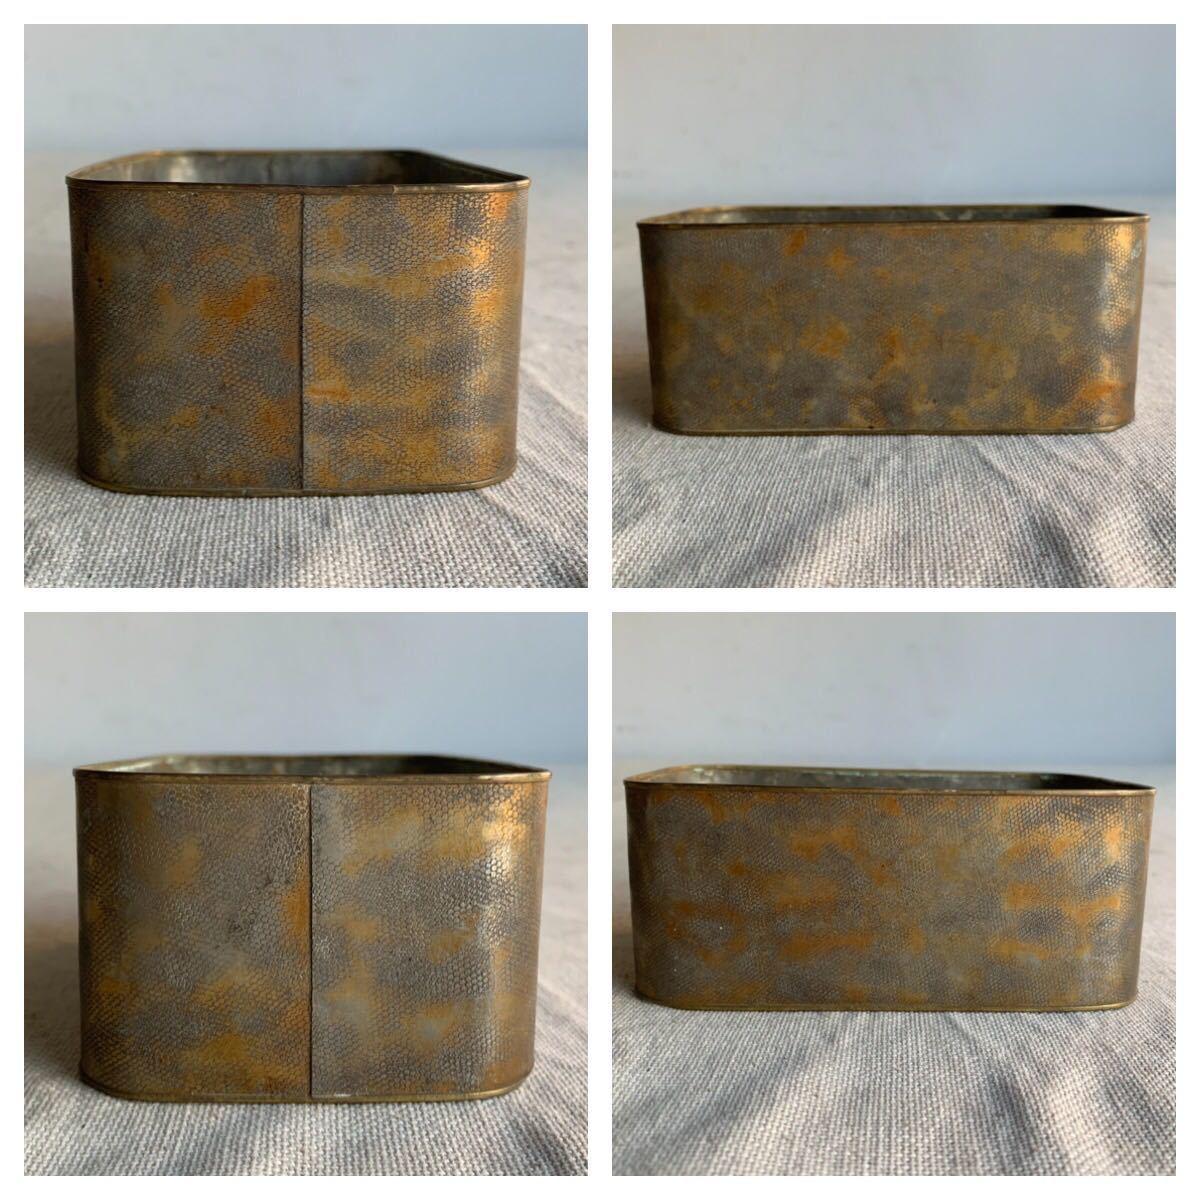 古い真鍮製の入れ子箱2個セット ケース収納旧家蔵出レトロ古民家古道具古物骨董アンティークビンテージシャビーインテリアディスプレイ整理_画像8